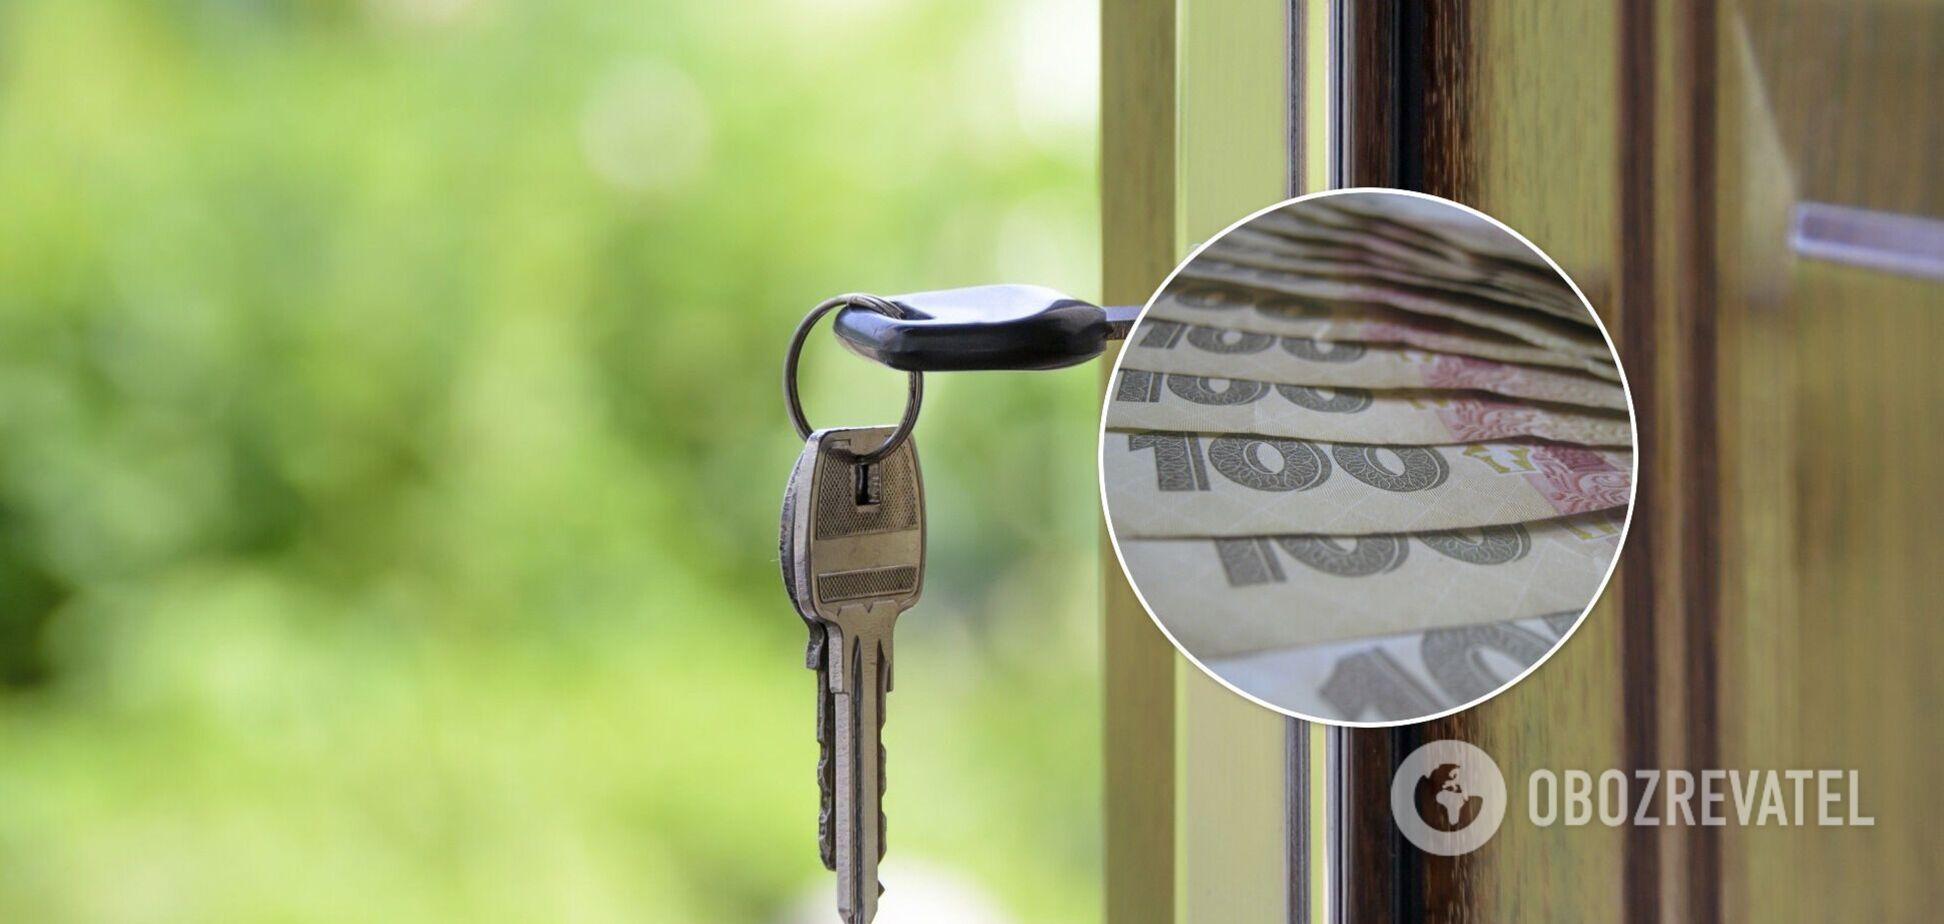 Цены на квартиры в Украине могут взлететь в случае локдауна